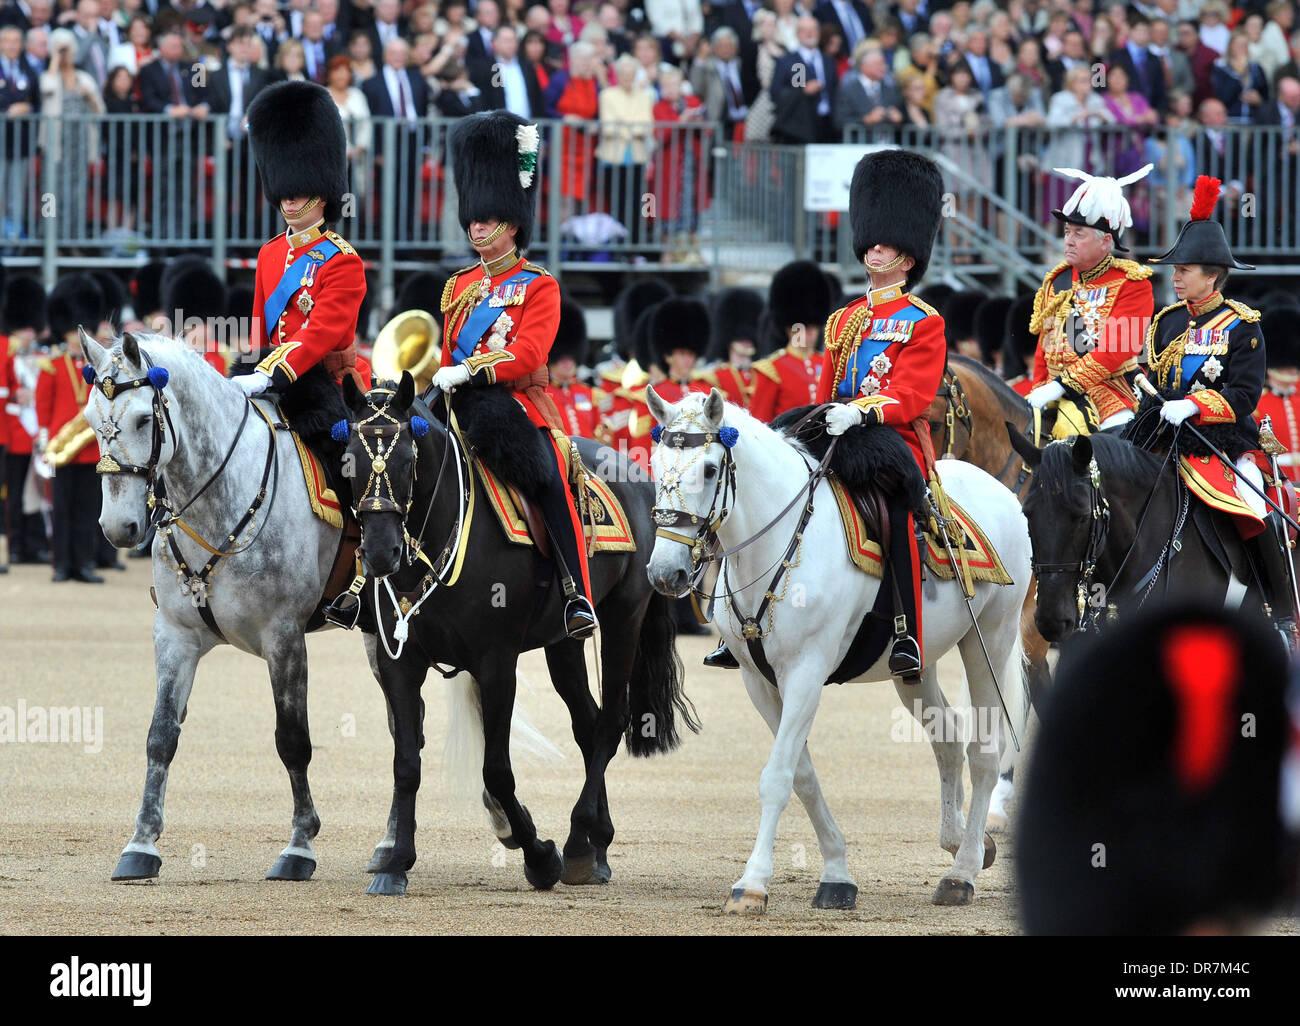 La reina Isabel II y el Príncipe Felipe, Duque de Edimburgo, el Príncipe  Carlos, Príncipe de Gales, el duque de Kent, la Princesa Ana 2012 Trooping  la ceremonia de color en el